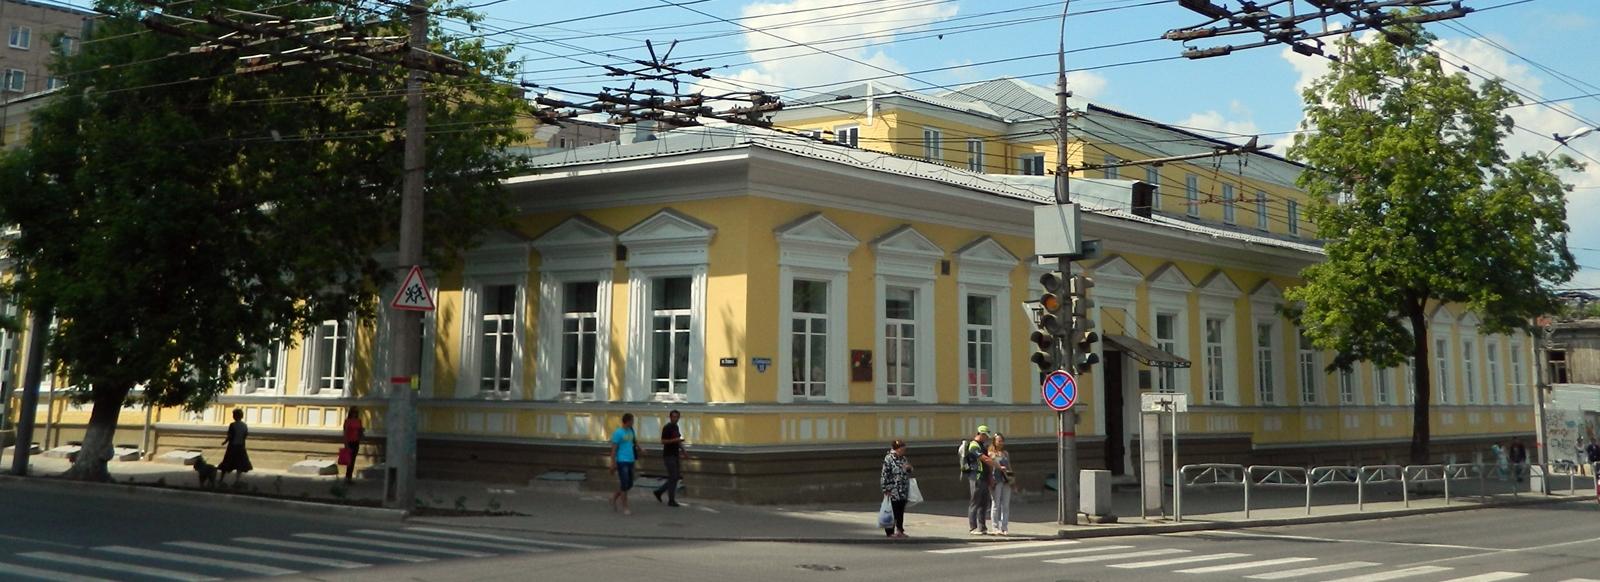 Ремонт гимназии №1 будет завершен к 1 сентября